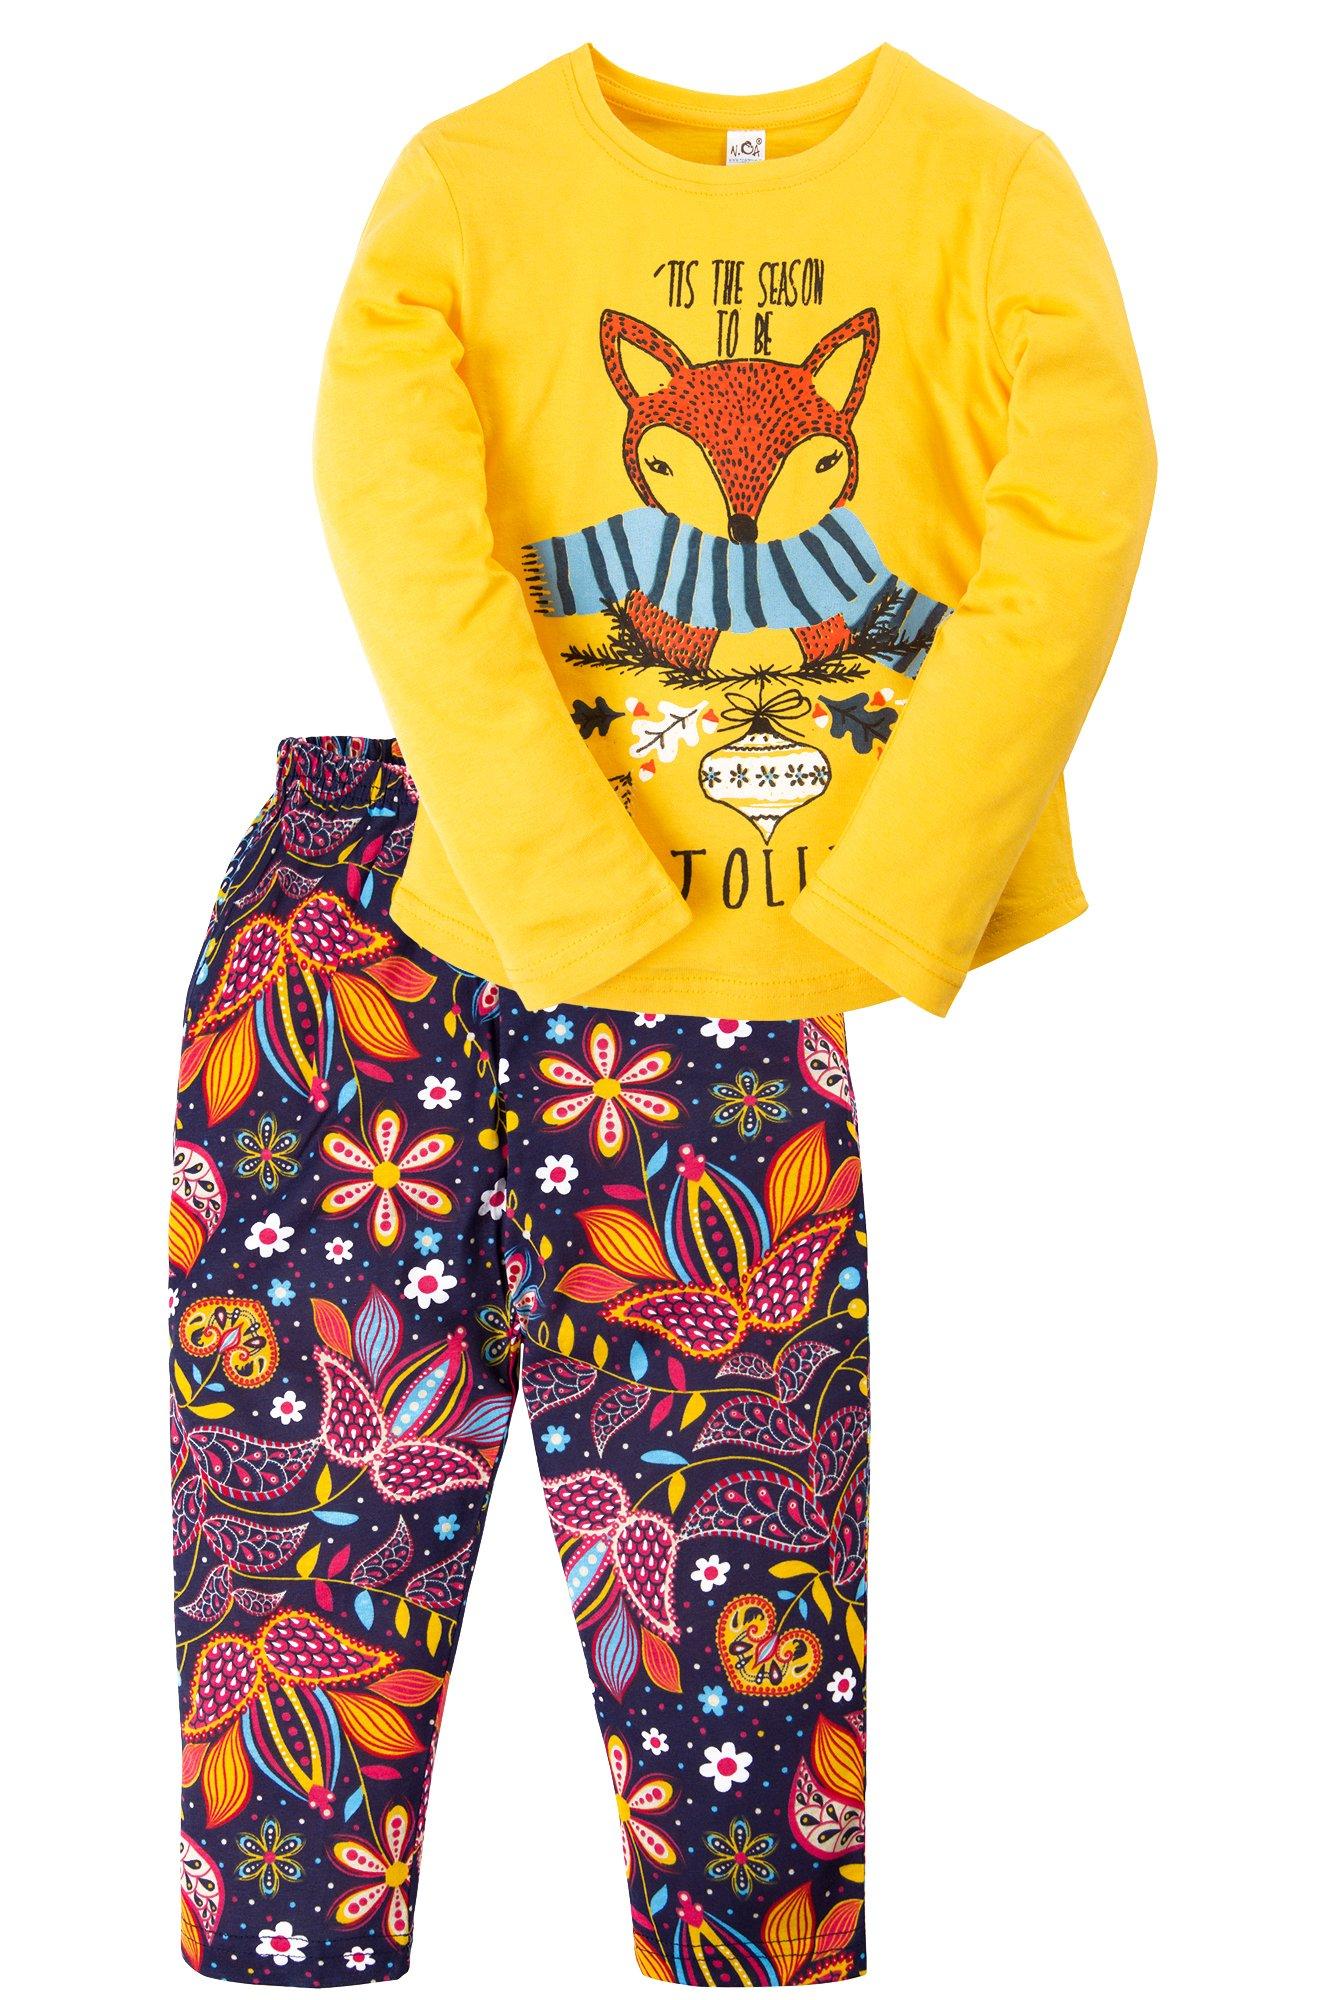 Пижама N.O.A. купить оптом в интернет-магазине Happywear.ru 91f5b3de2cf9f